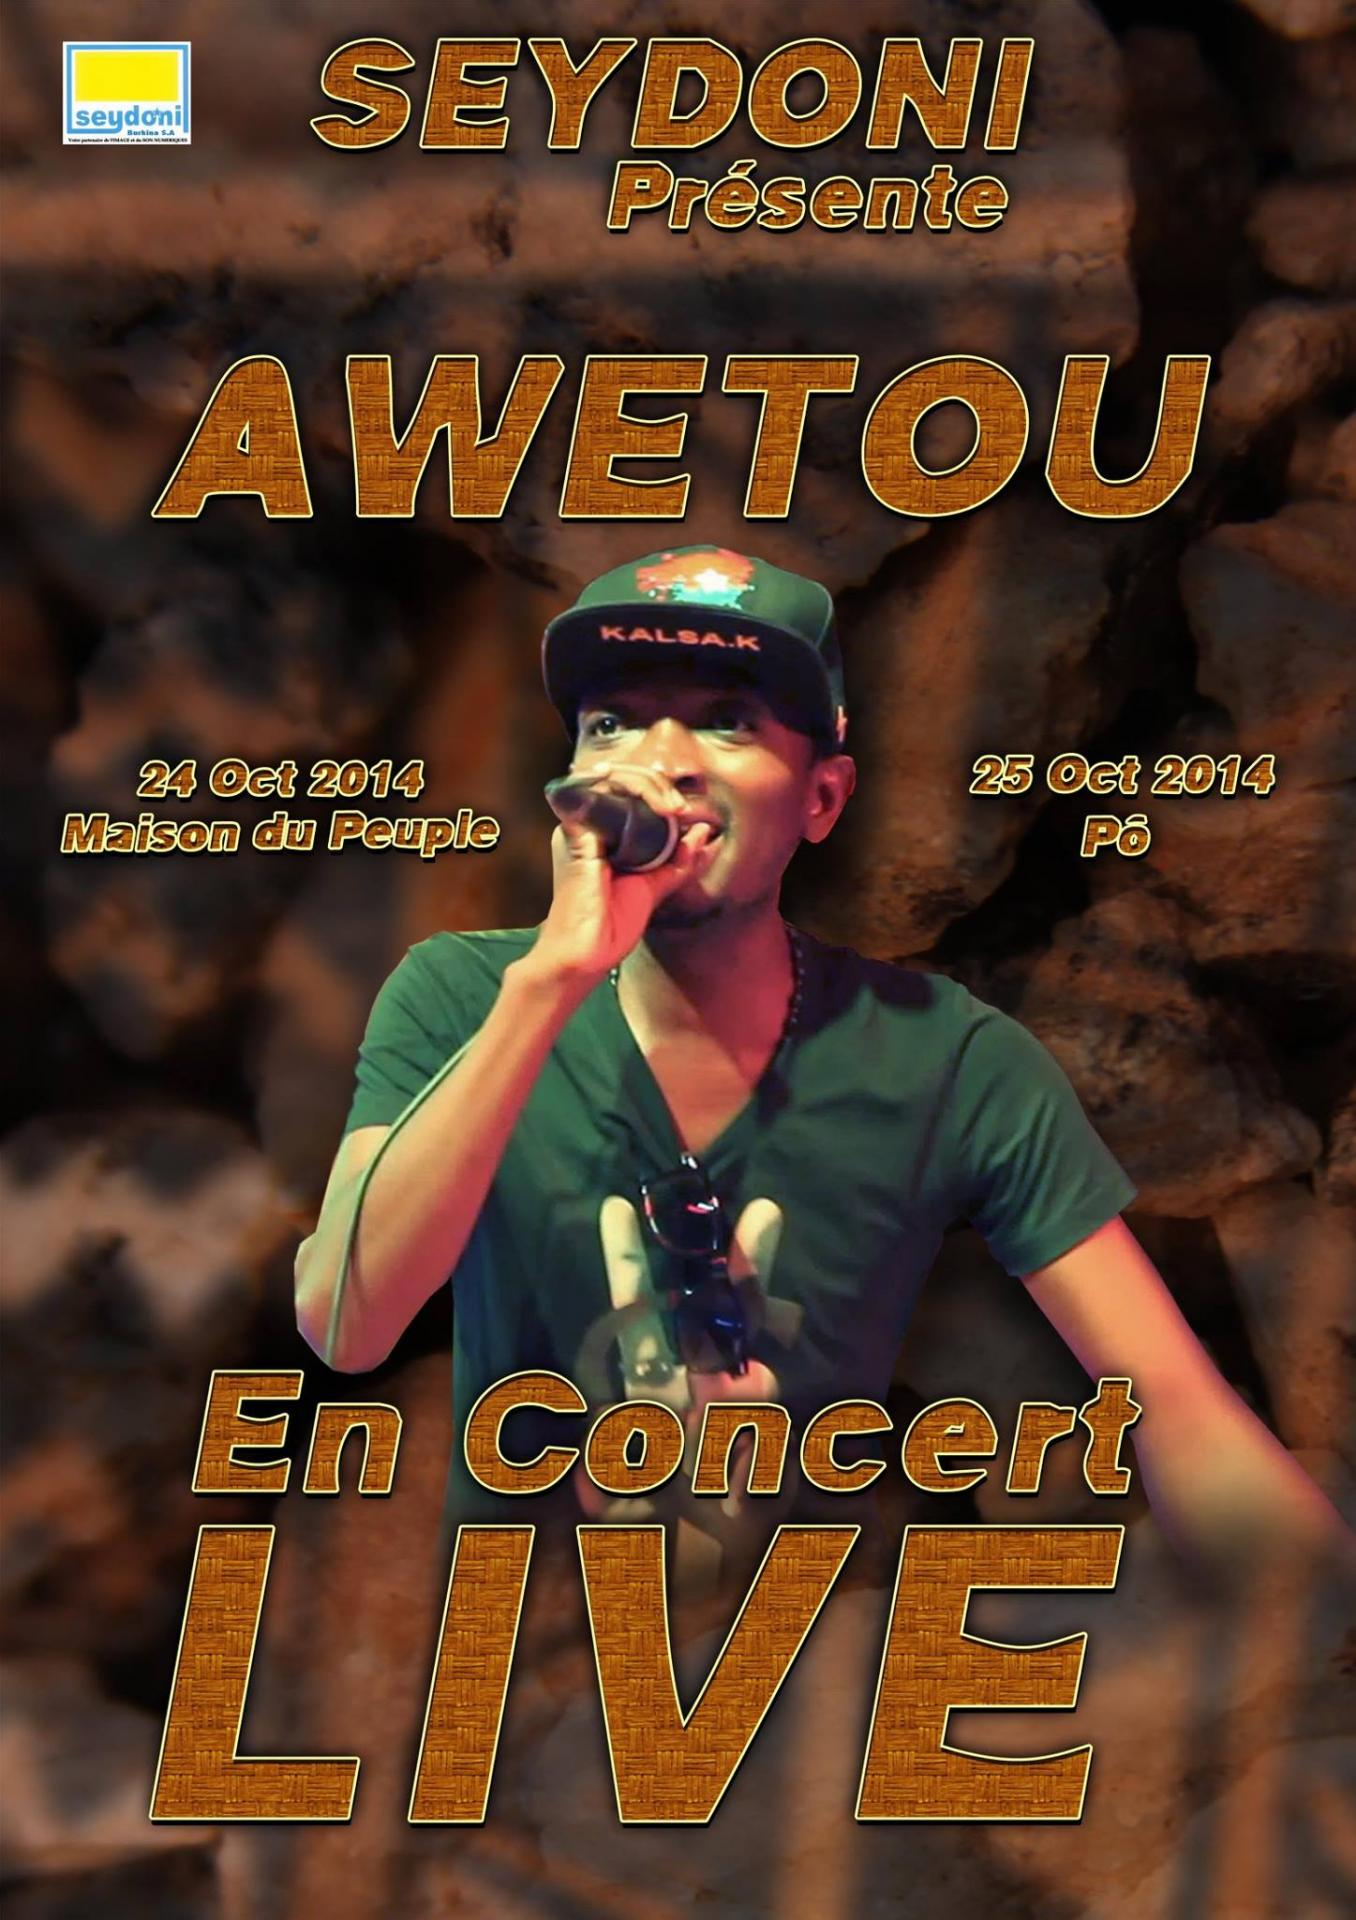 Awetou concert ouagapo